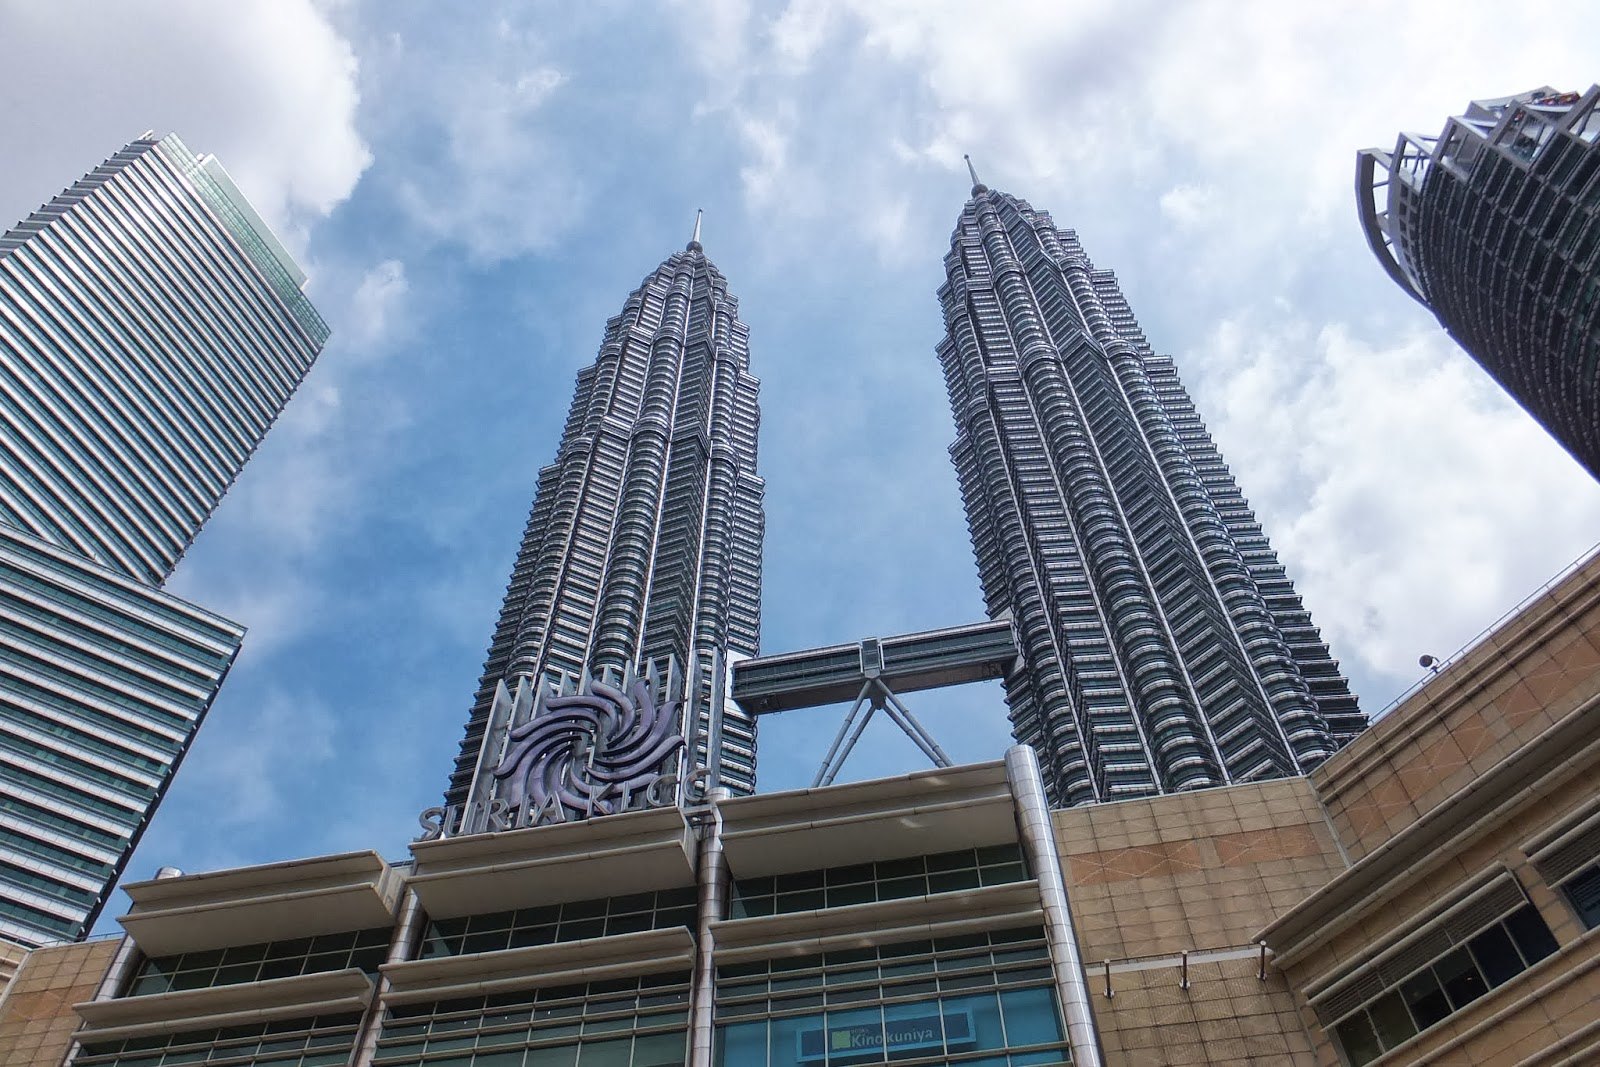 Petronas-Twin-Towers ペトロナスツインタワー